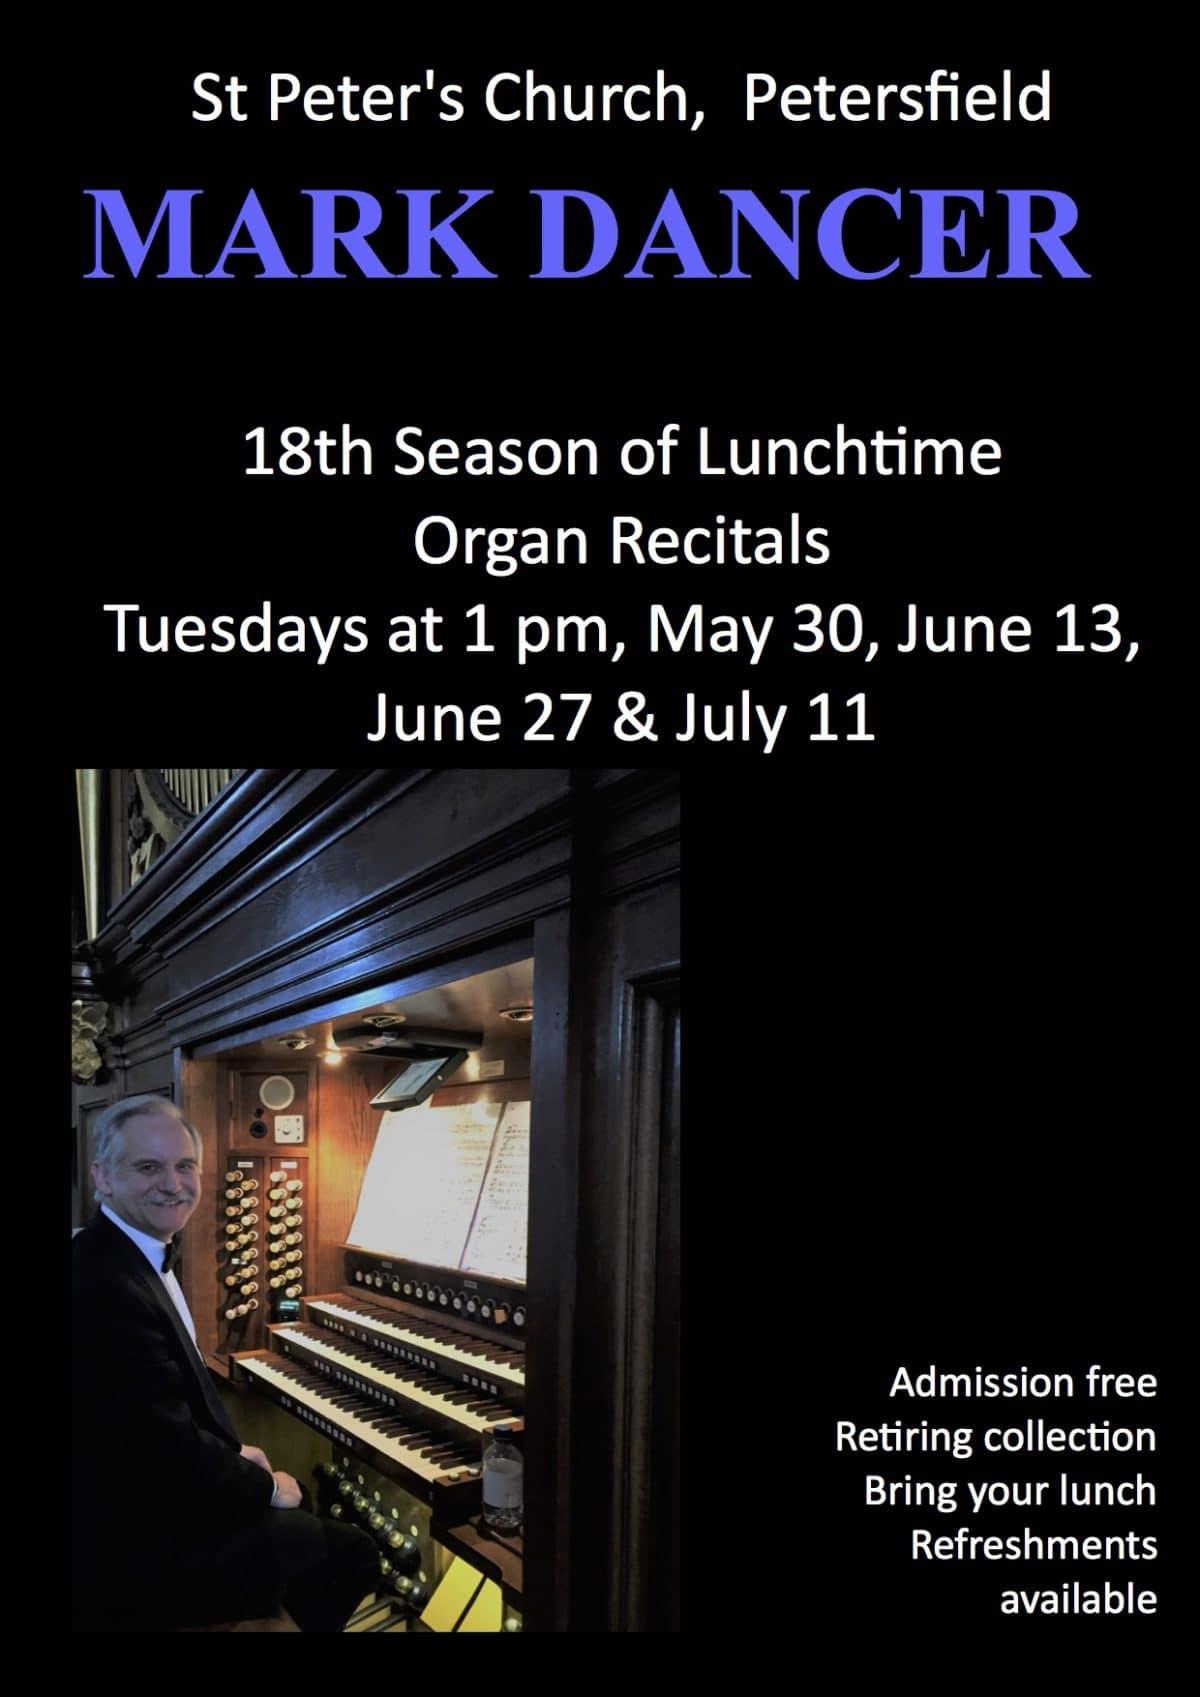 Mark Dancer – Organ recital - St Peter's Church Petersfield Music Events